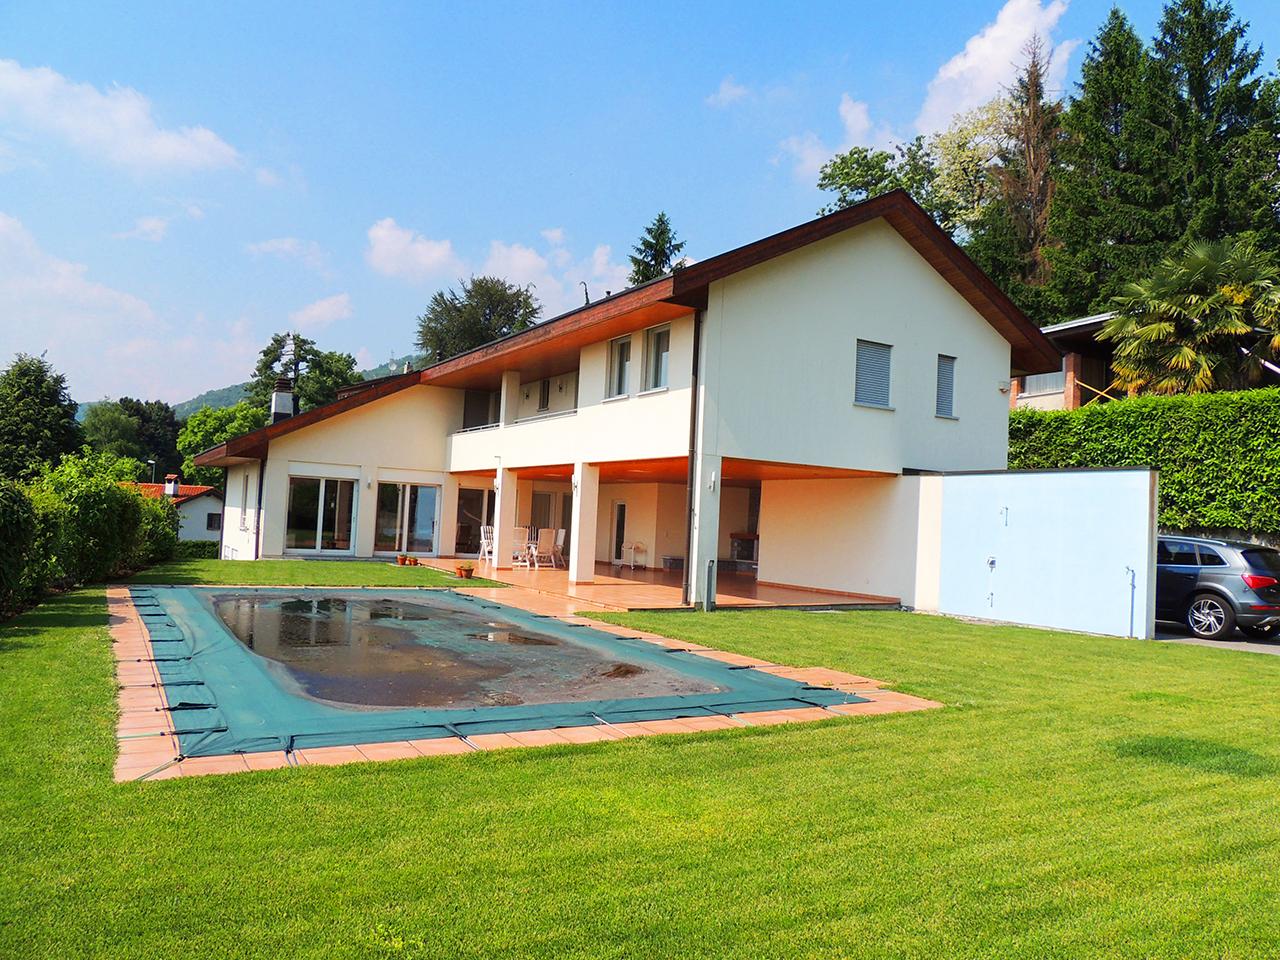 Villa elegante con piscina a cadro for Villa elegante